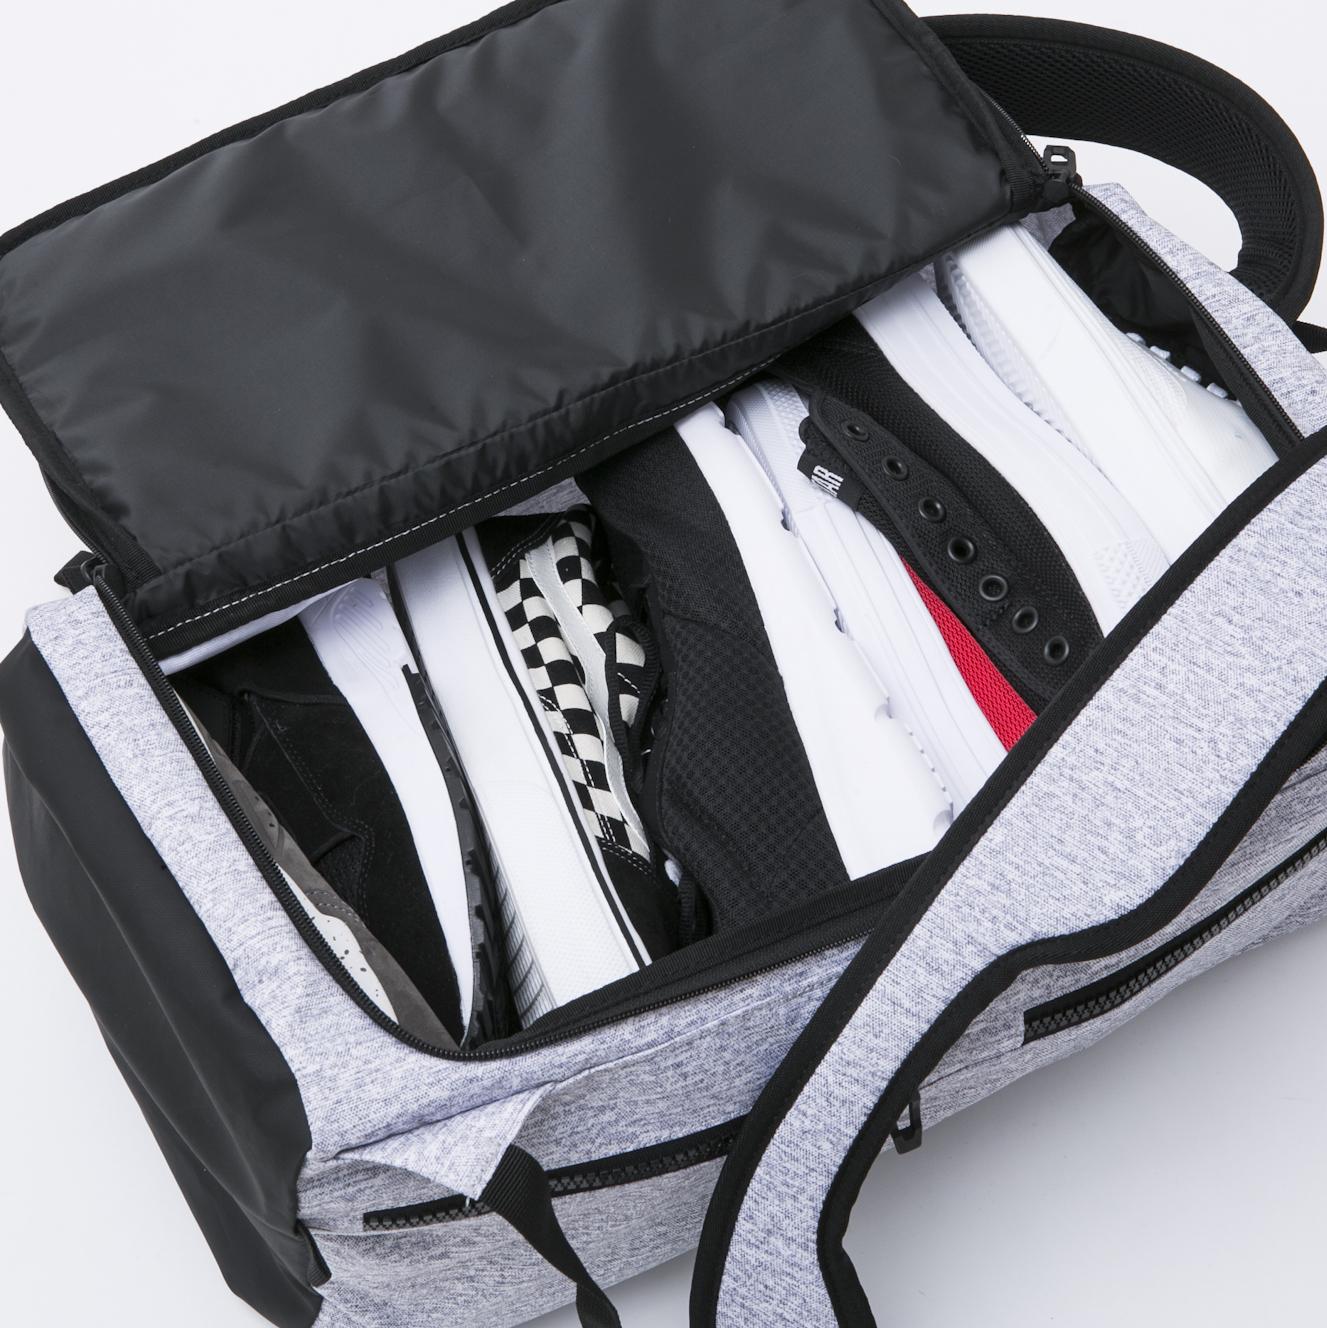 おしゃれな大容量バッグにはガチでどれぐらい荷物が入るのか調べてみた。